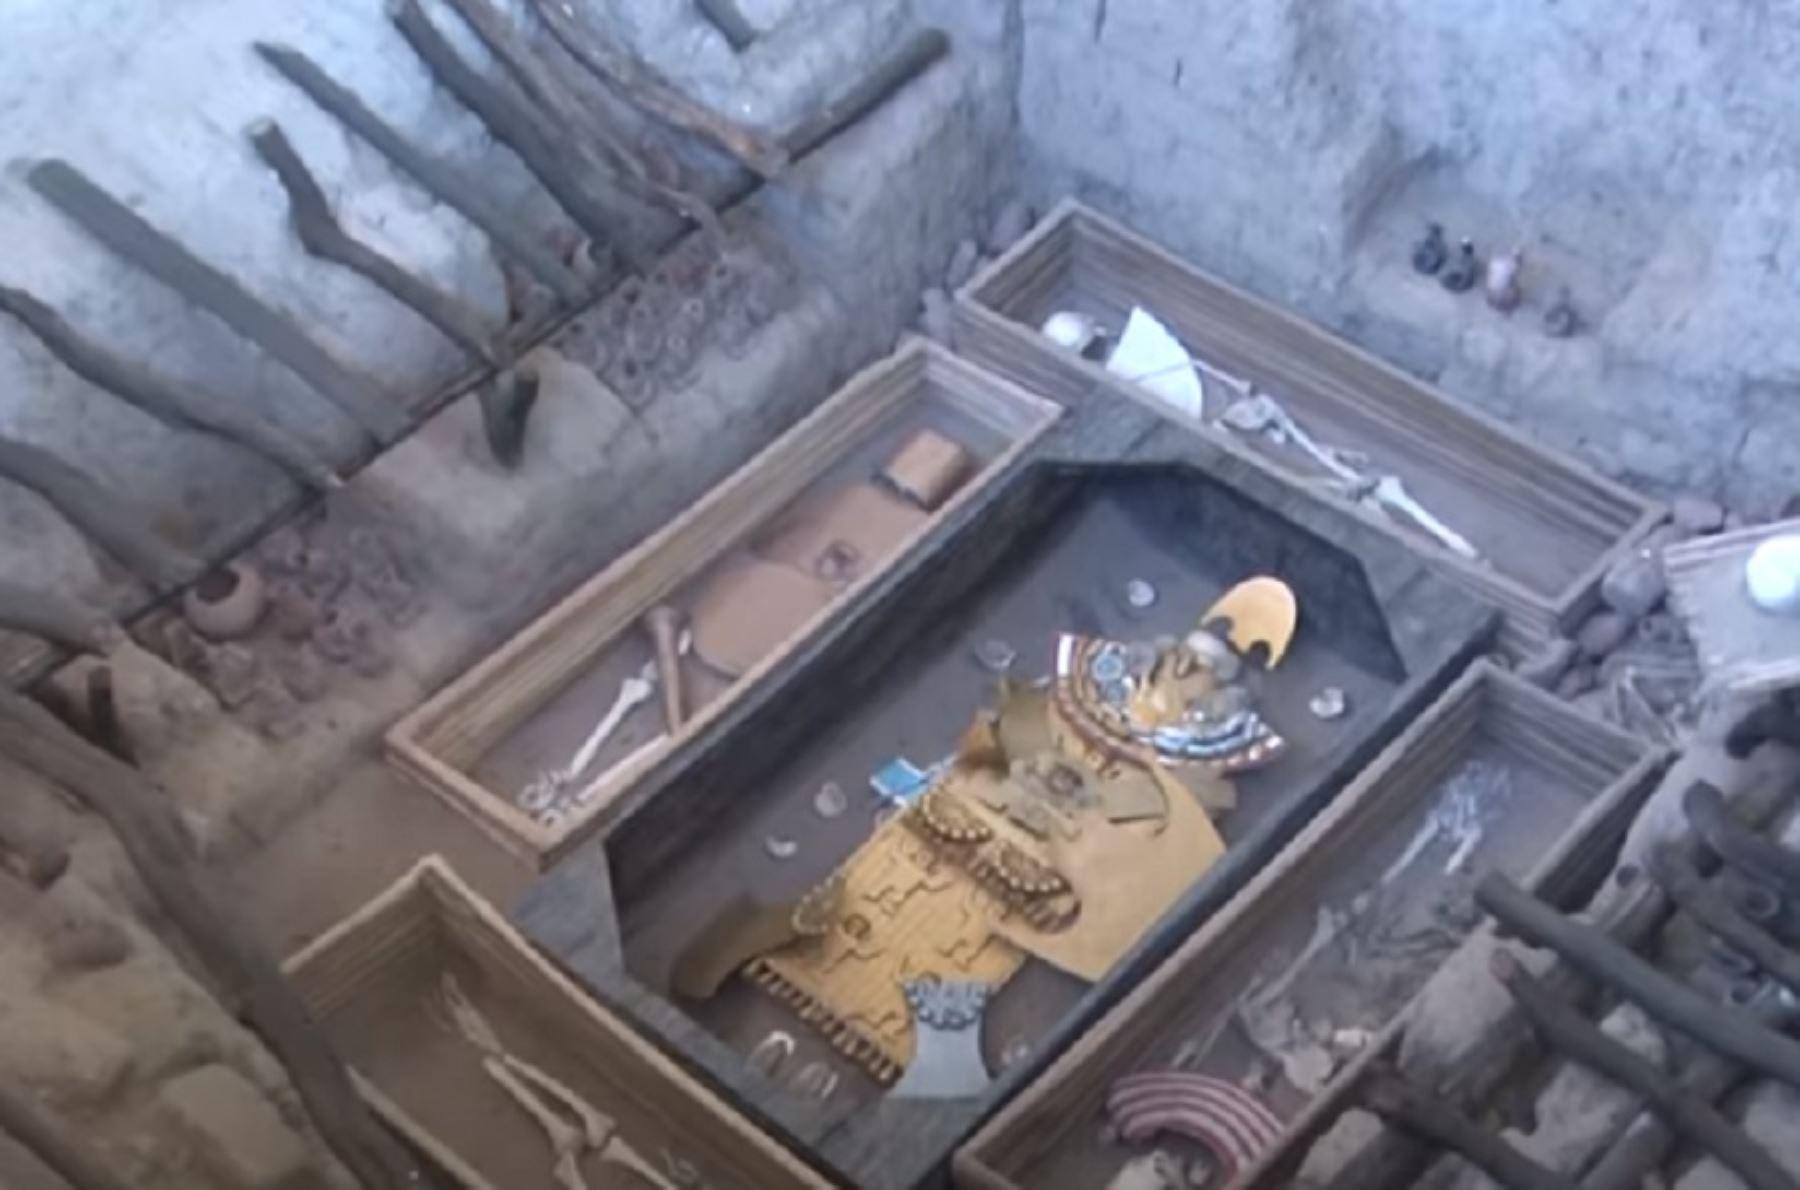 Señor de Sipán: conoce la importancia del hallazgo que marcó un hito arqueológico mundial